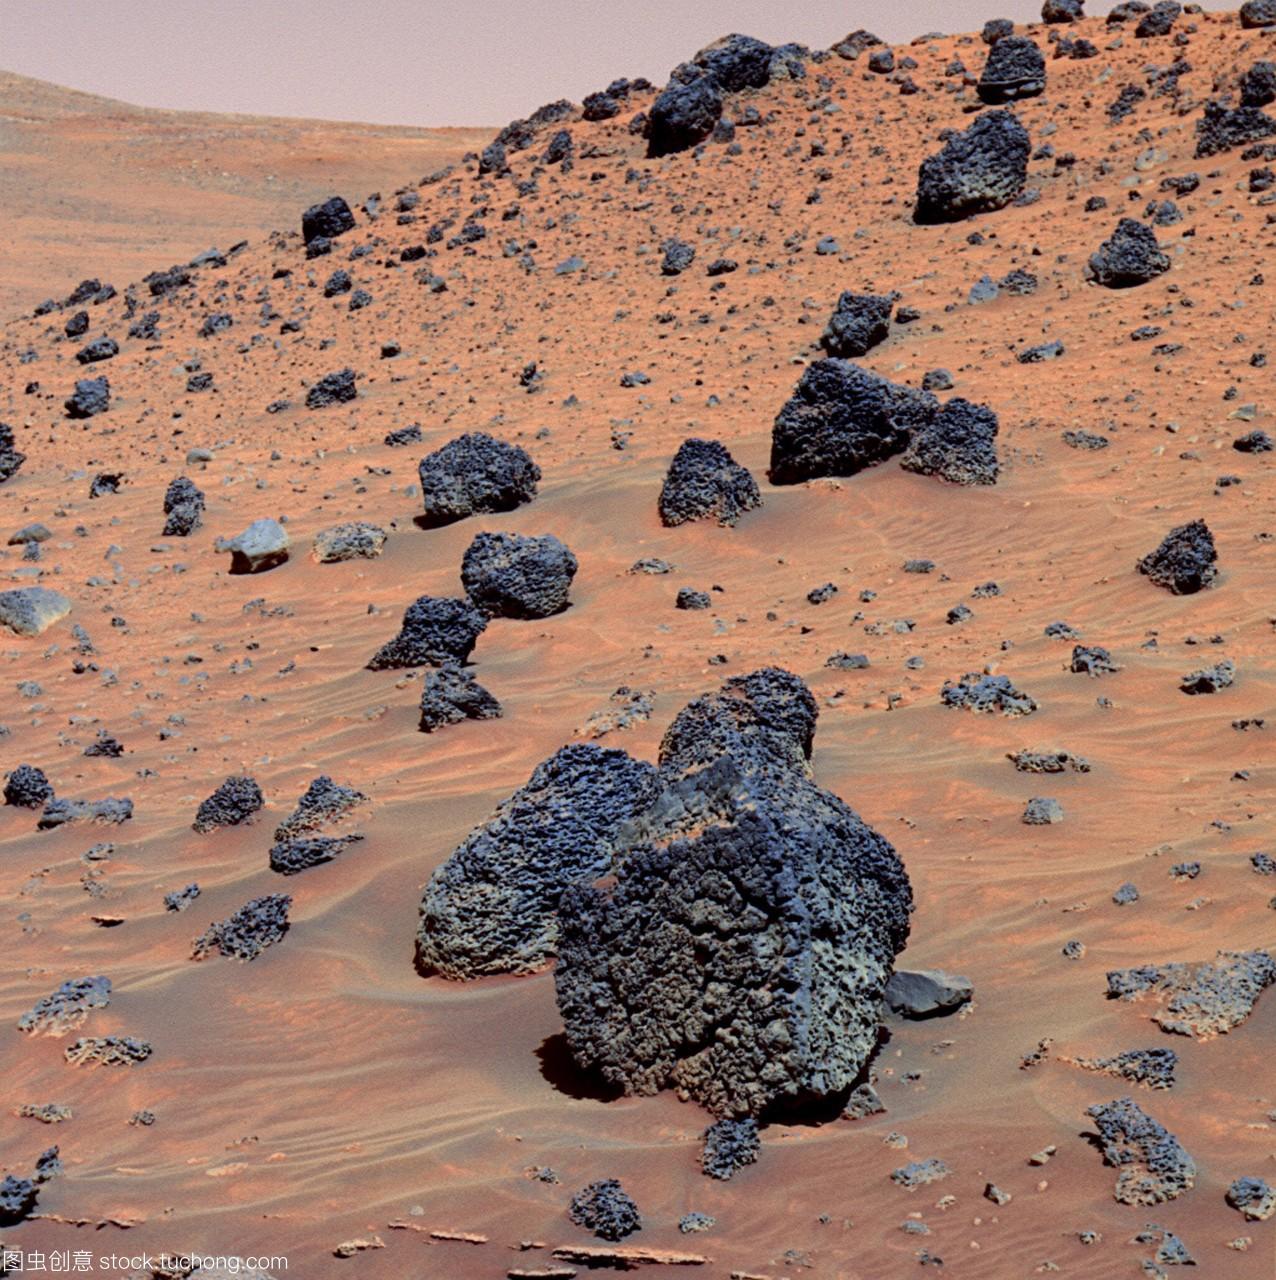 火星岩石。在古谢夫陨石坑的低脊特征上,火星v岩石五早读高中英语图片